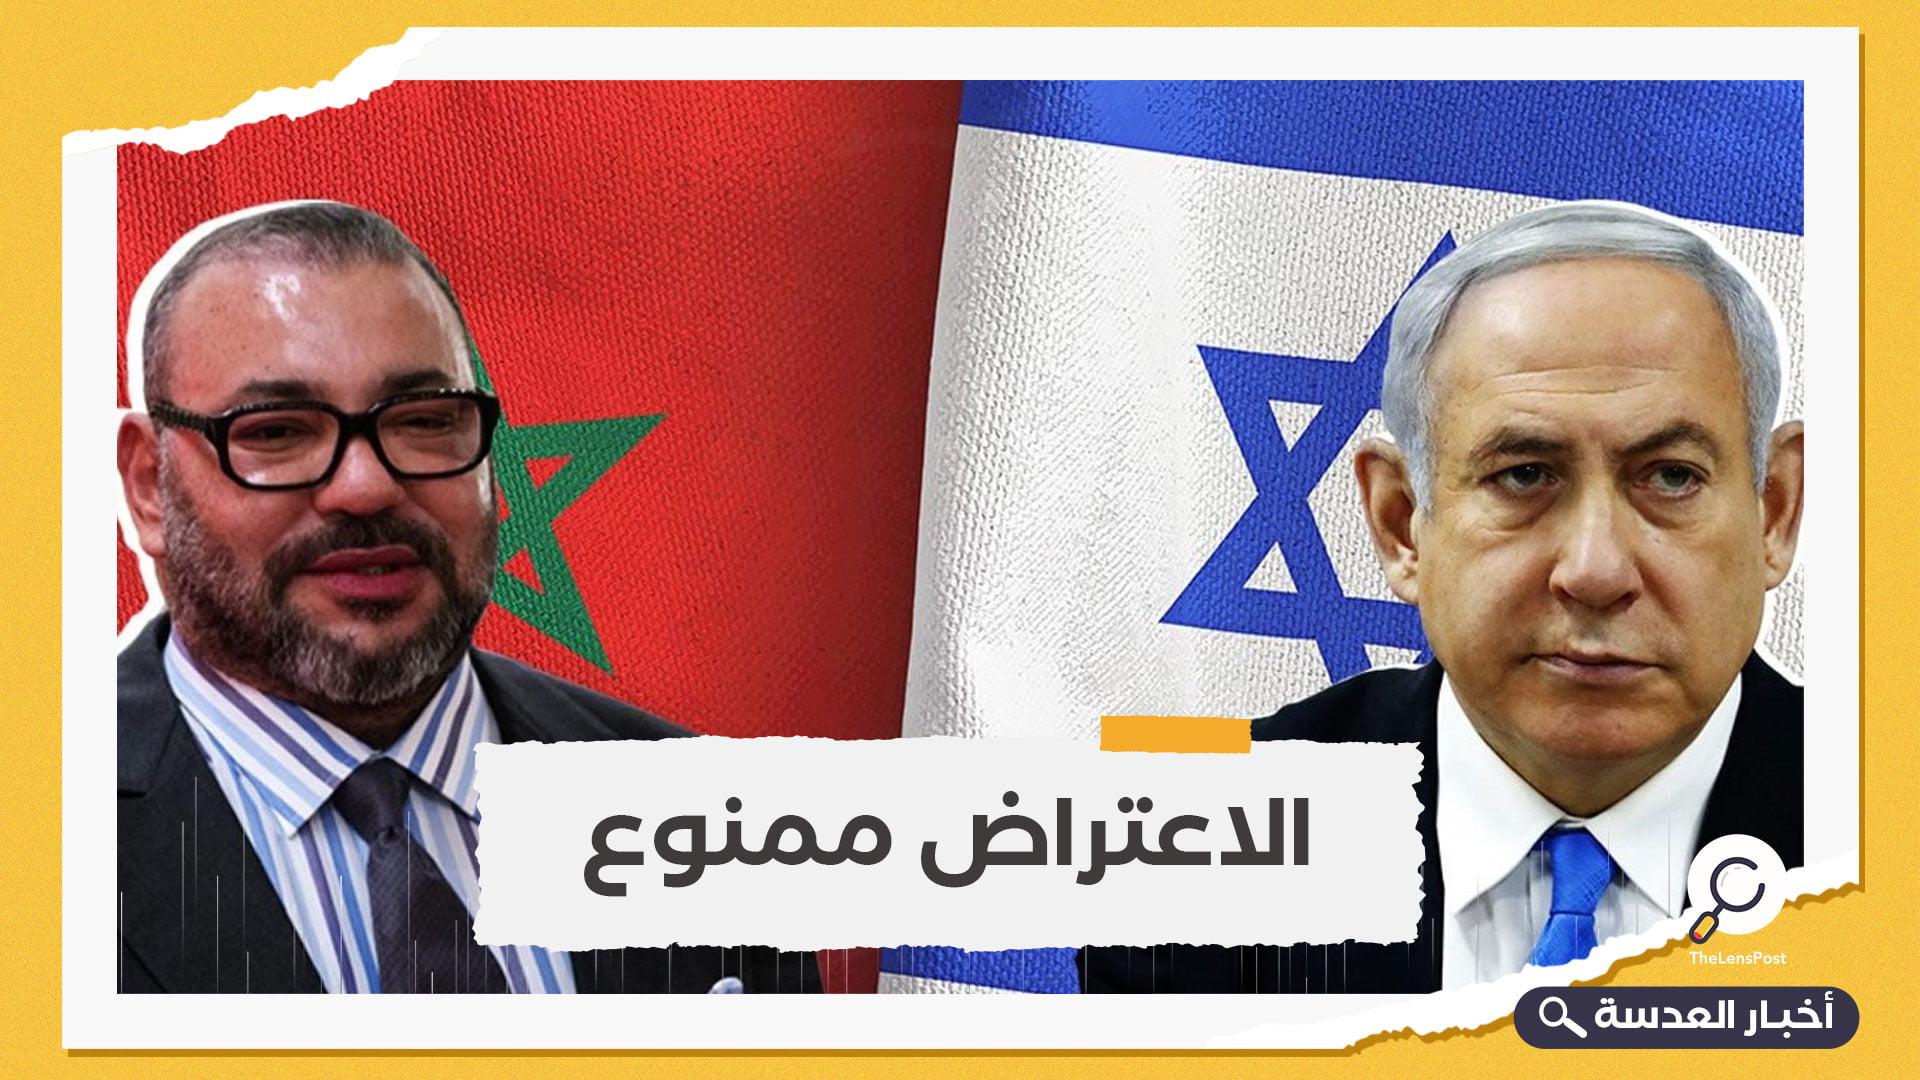 المغرب يجامل إسرائيل بمنع وقفة احتجاجية مناهضة للتطبيع